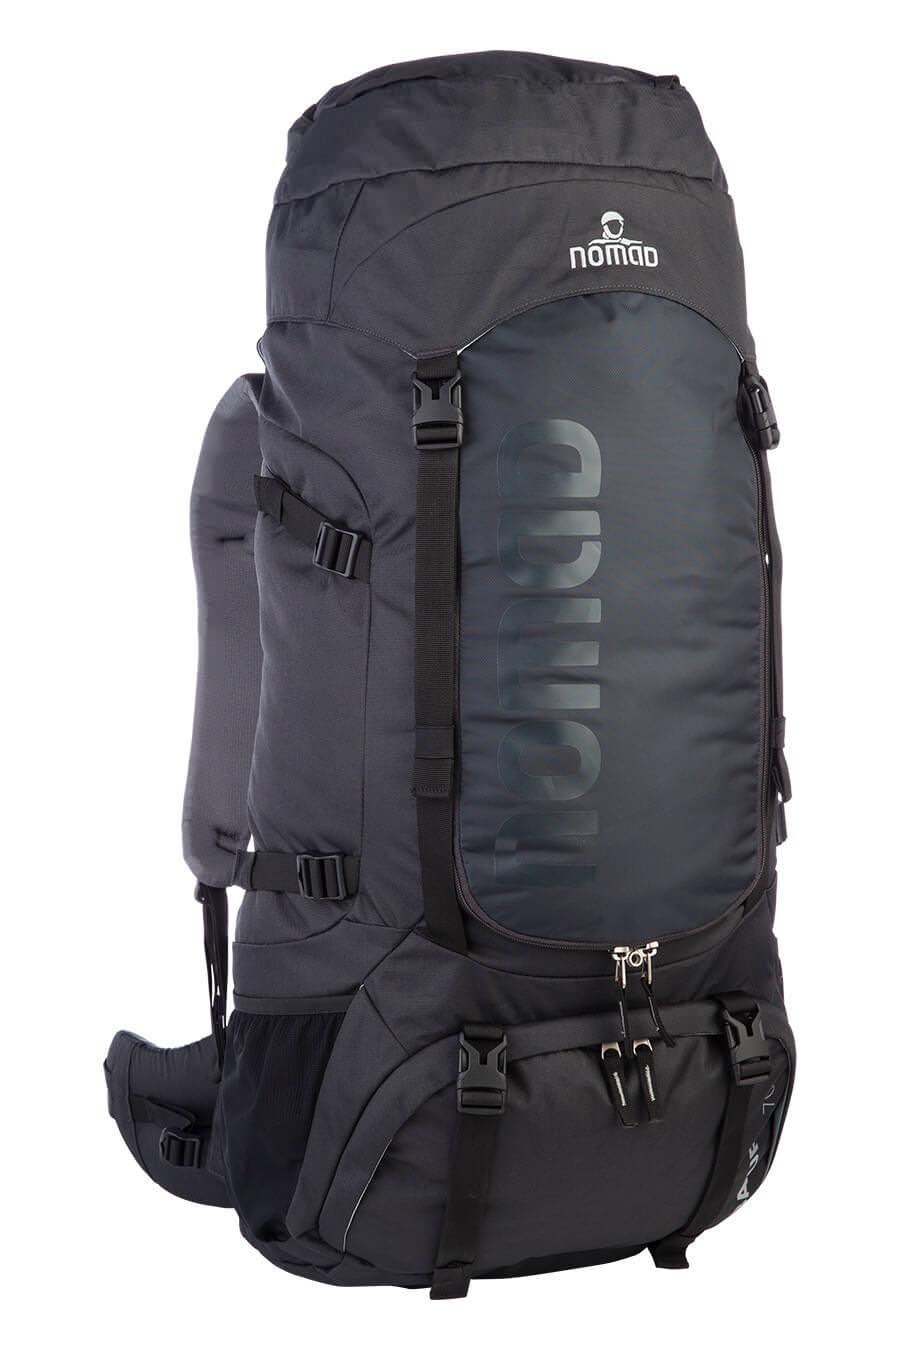 58becbe891c1af backpackkit nomad batura backpack ...